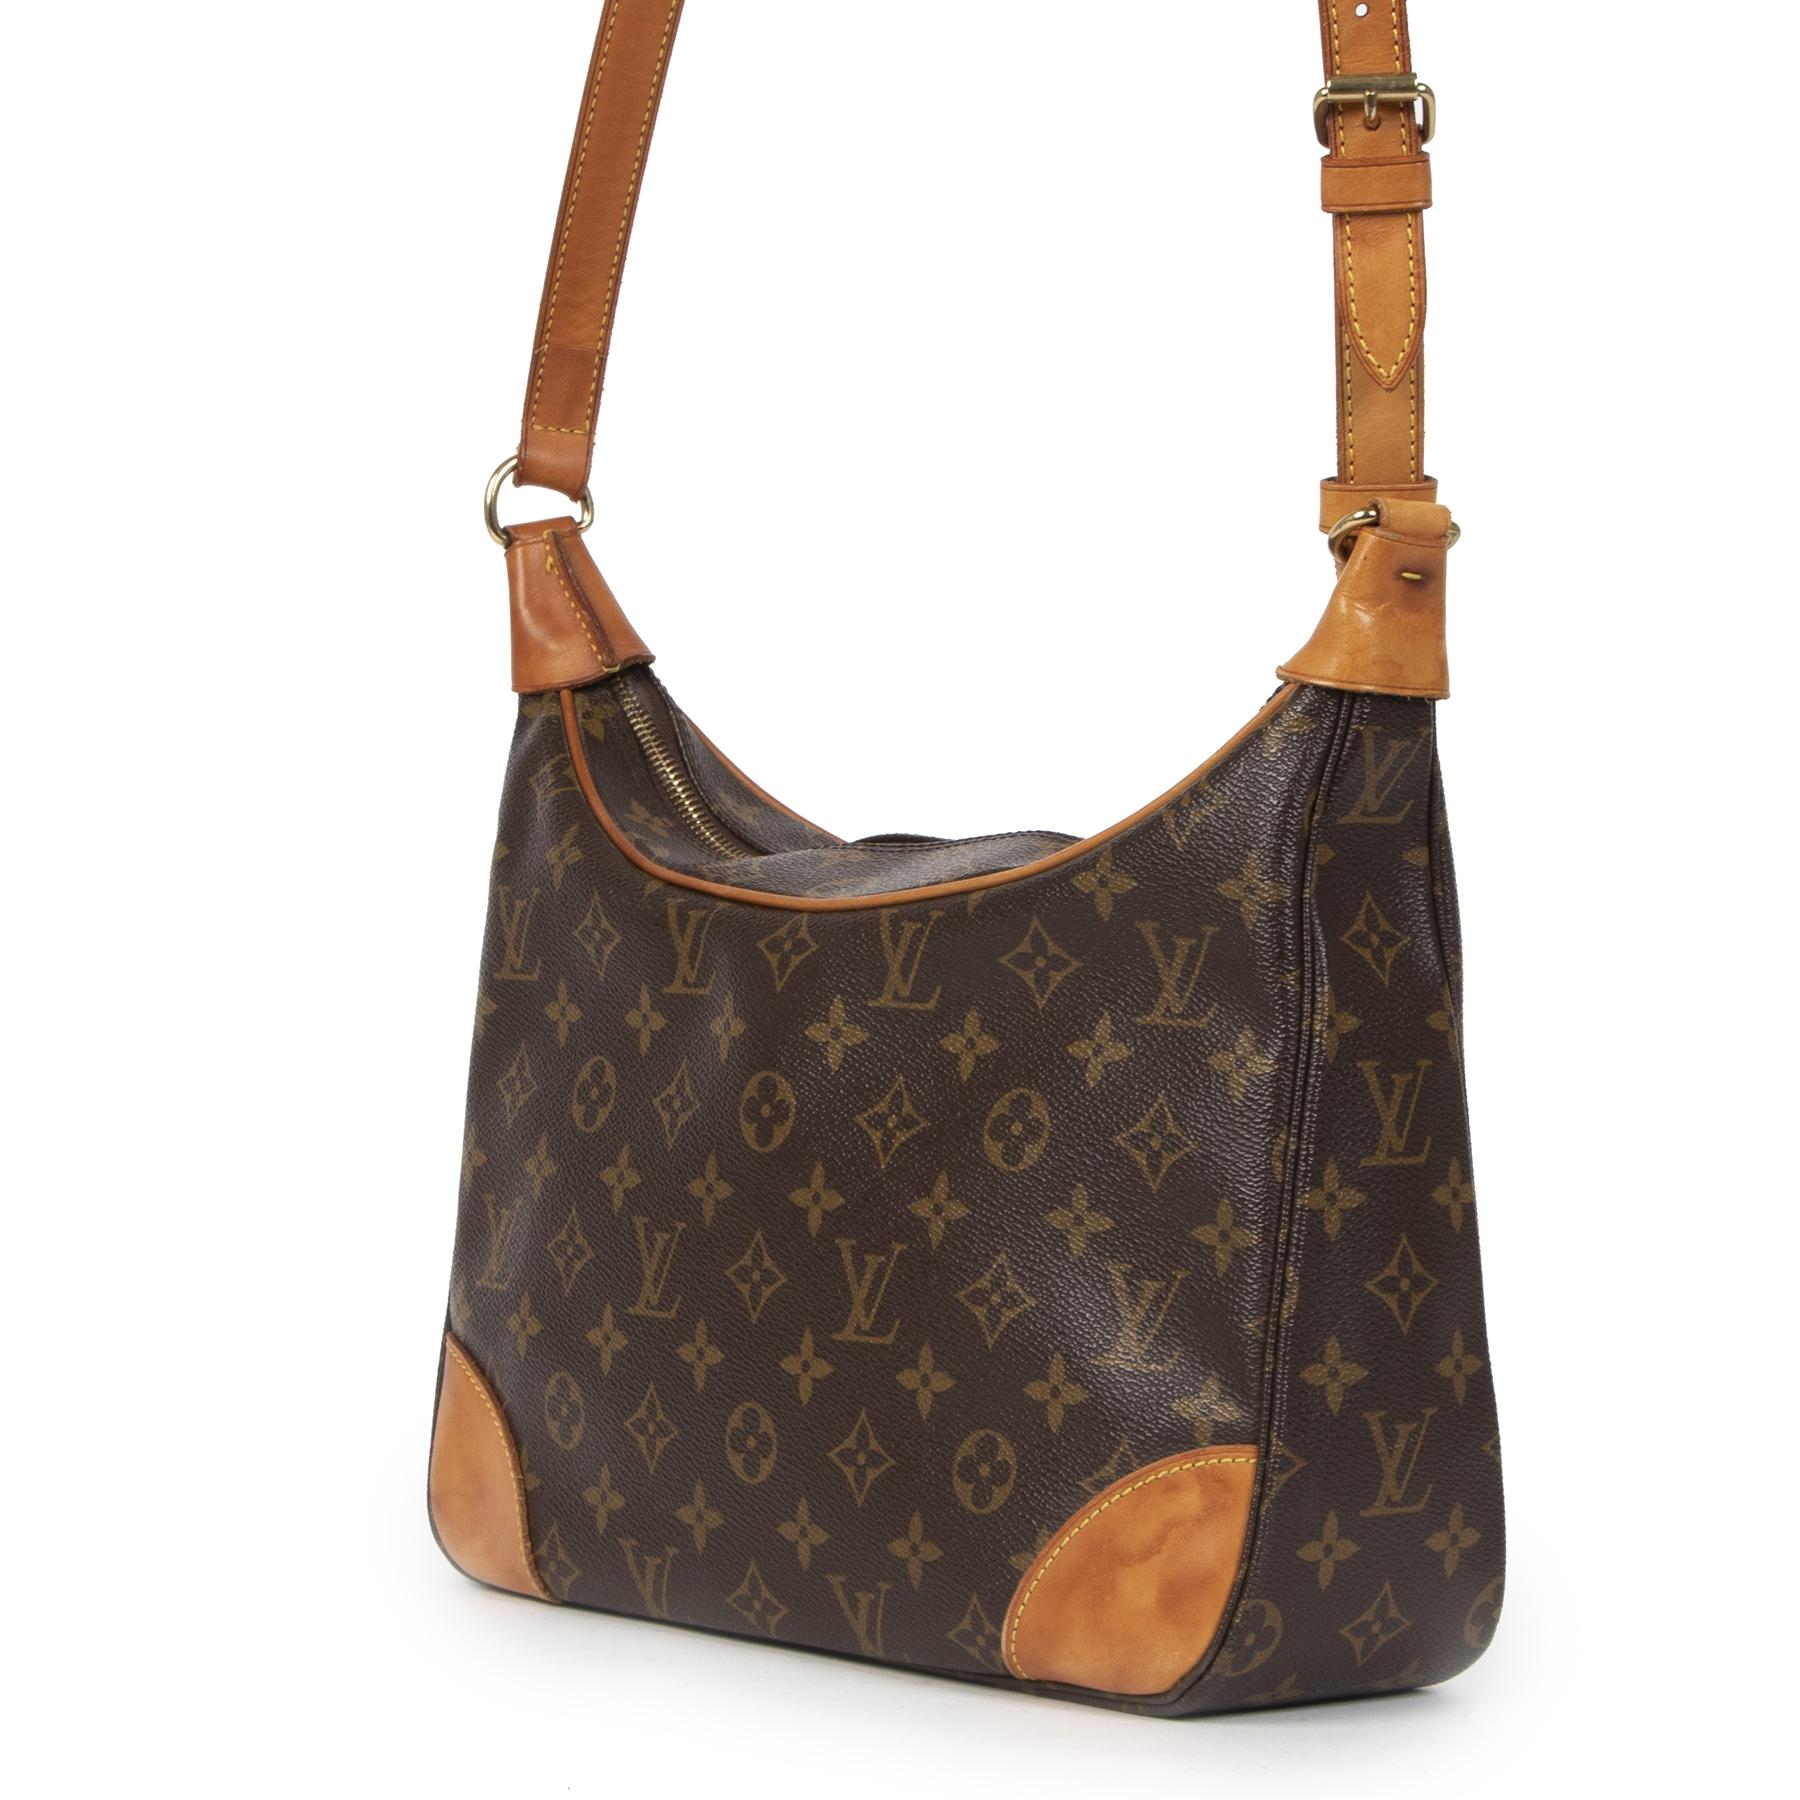 Authentieke Tweedehands Louis Vuitton Monogram Boulogne 30 Bag juiste prijs veilig online shoppen luxe merken webshop winkelen Antwerpen België mode fashion